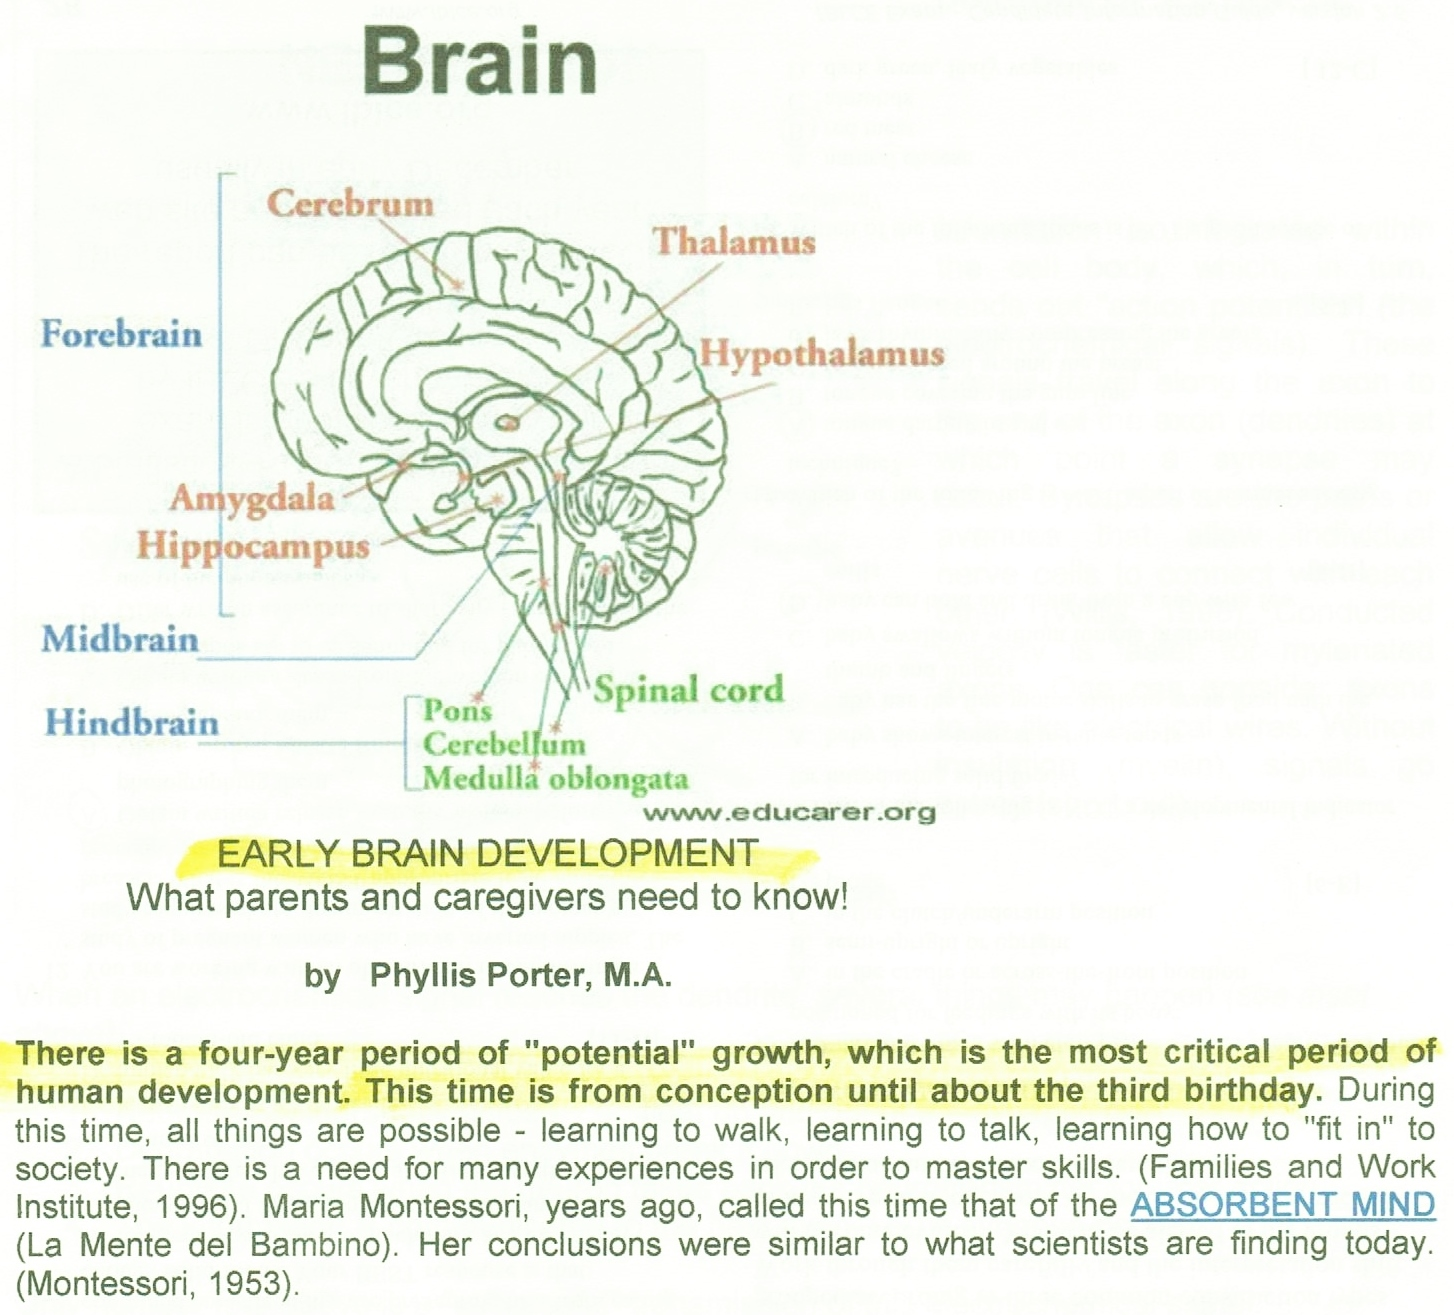 Memory vitamins target image 3